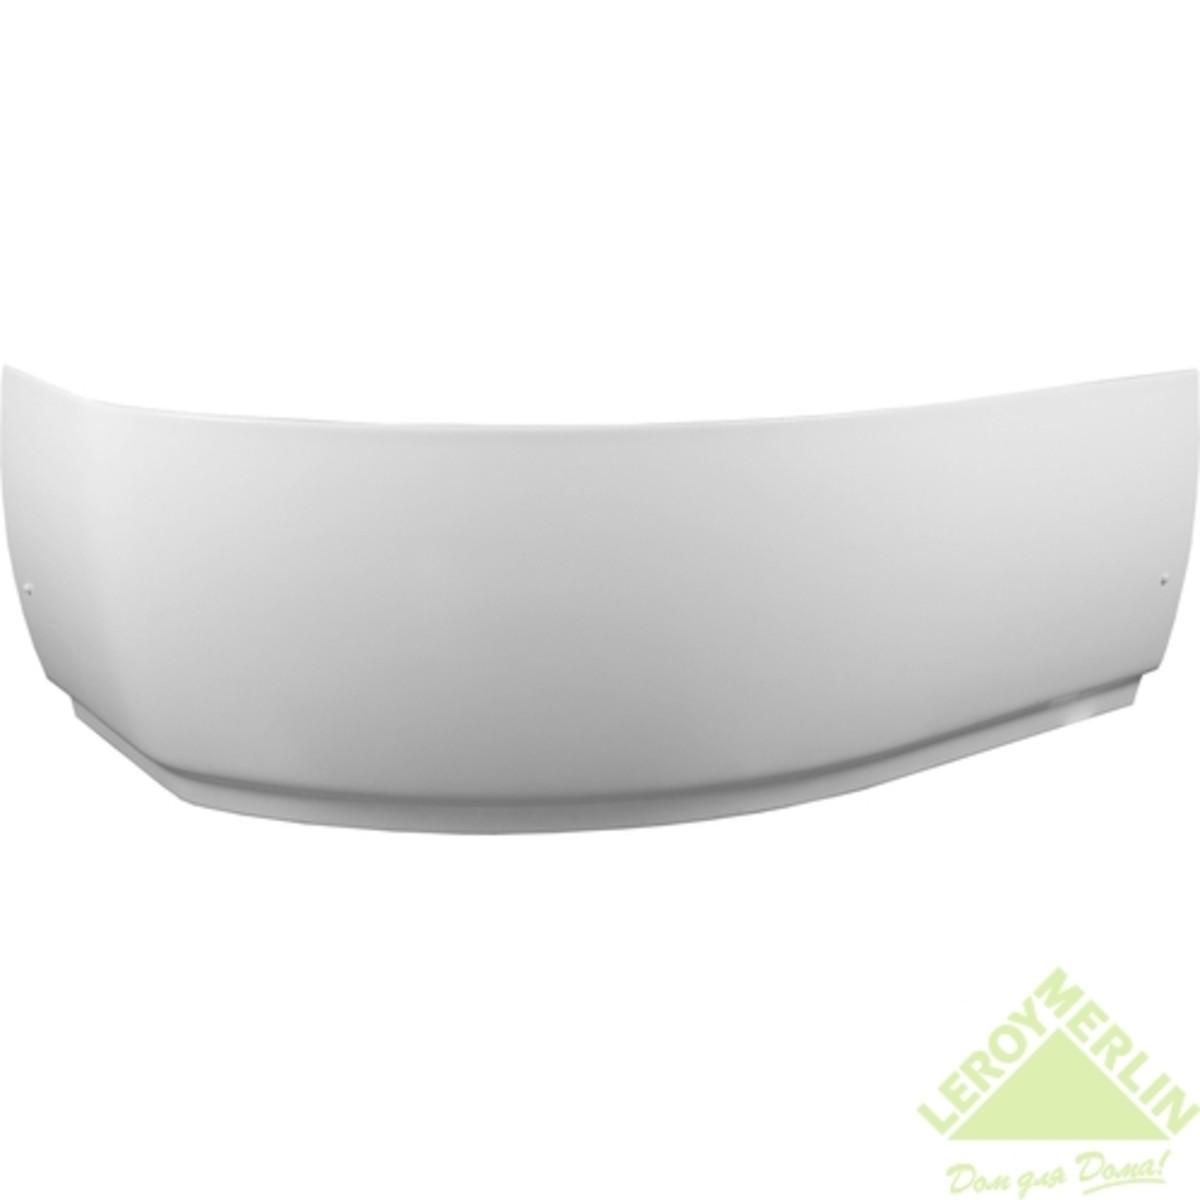 Панель фронтальная правосторонняя для ванны Брава 150 см